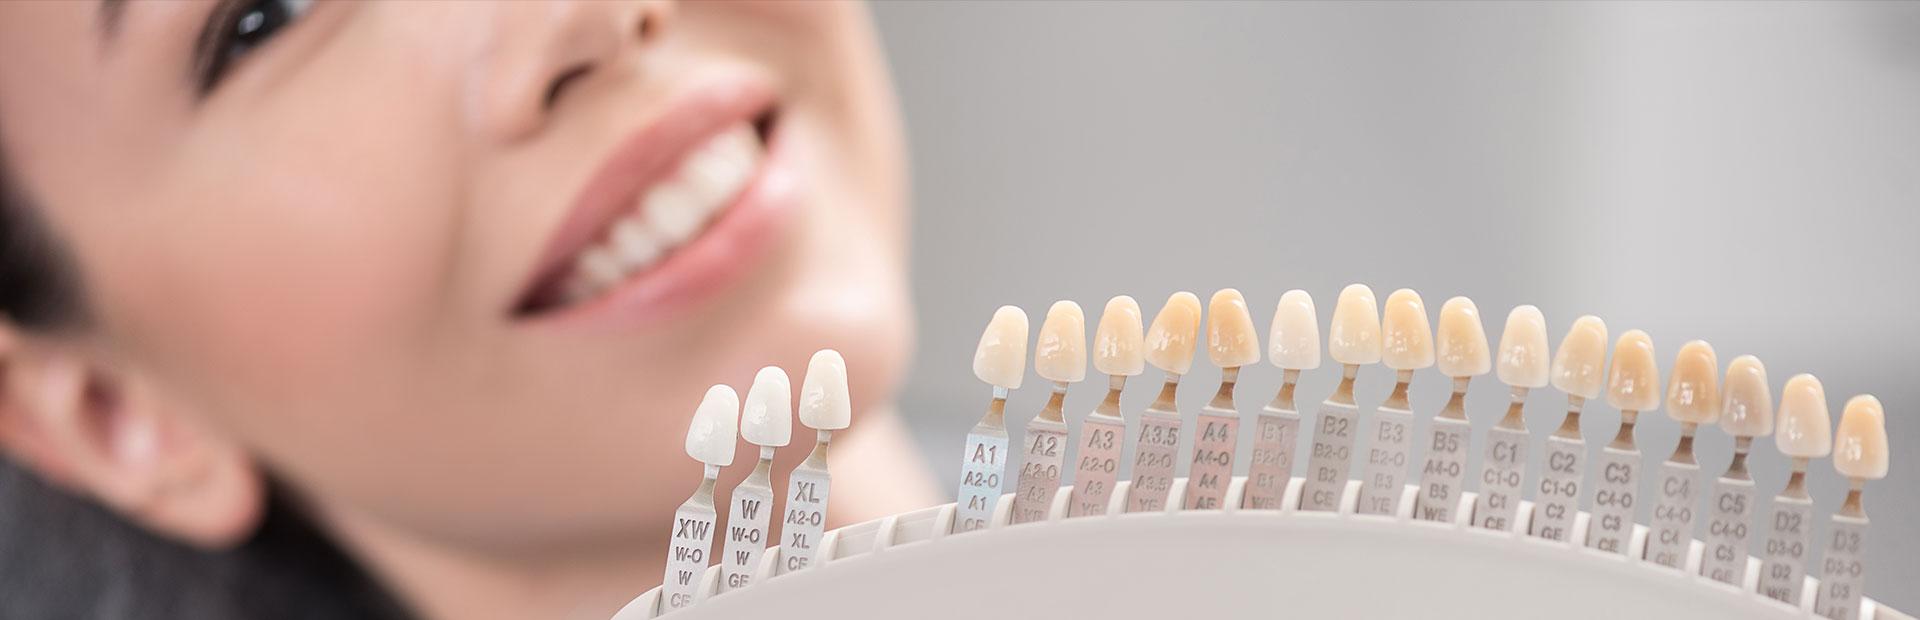 After having dental veneers